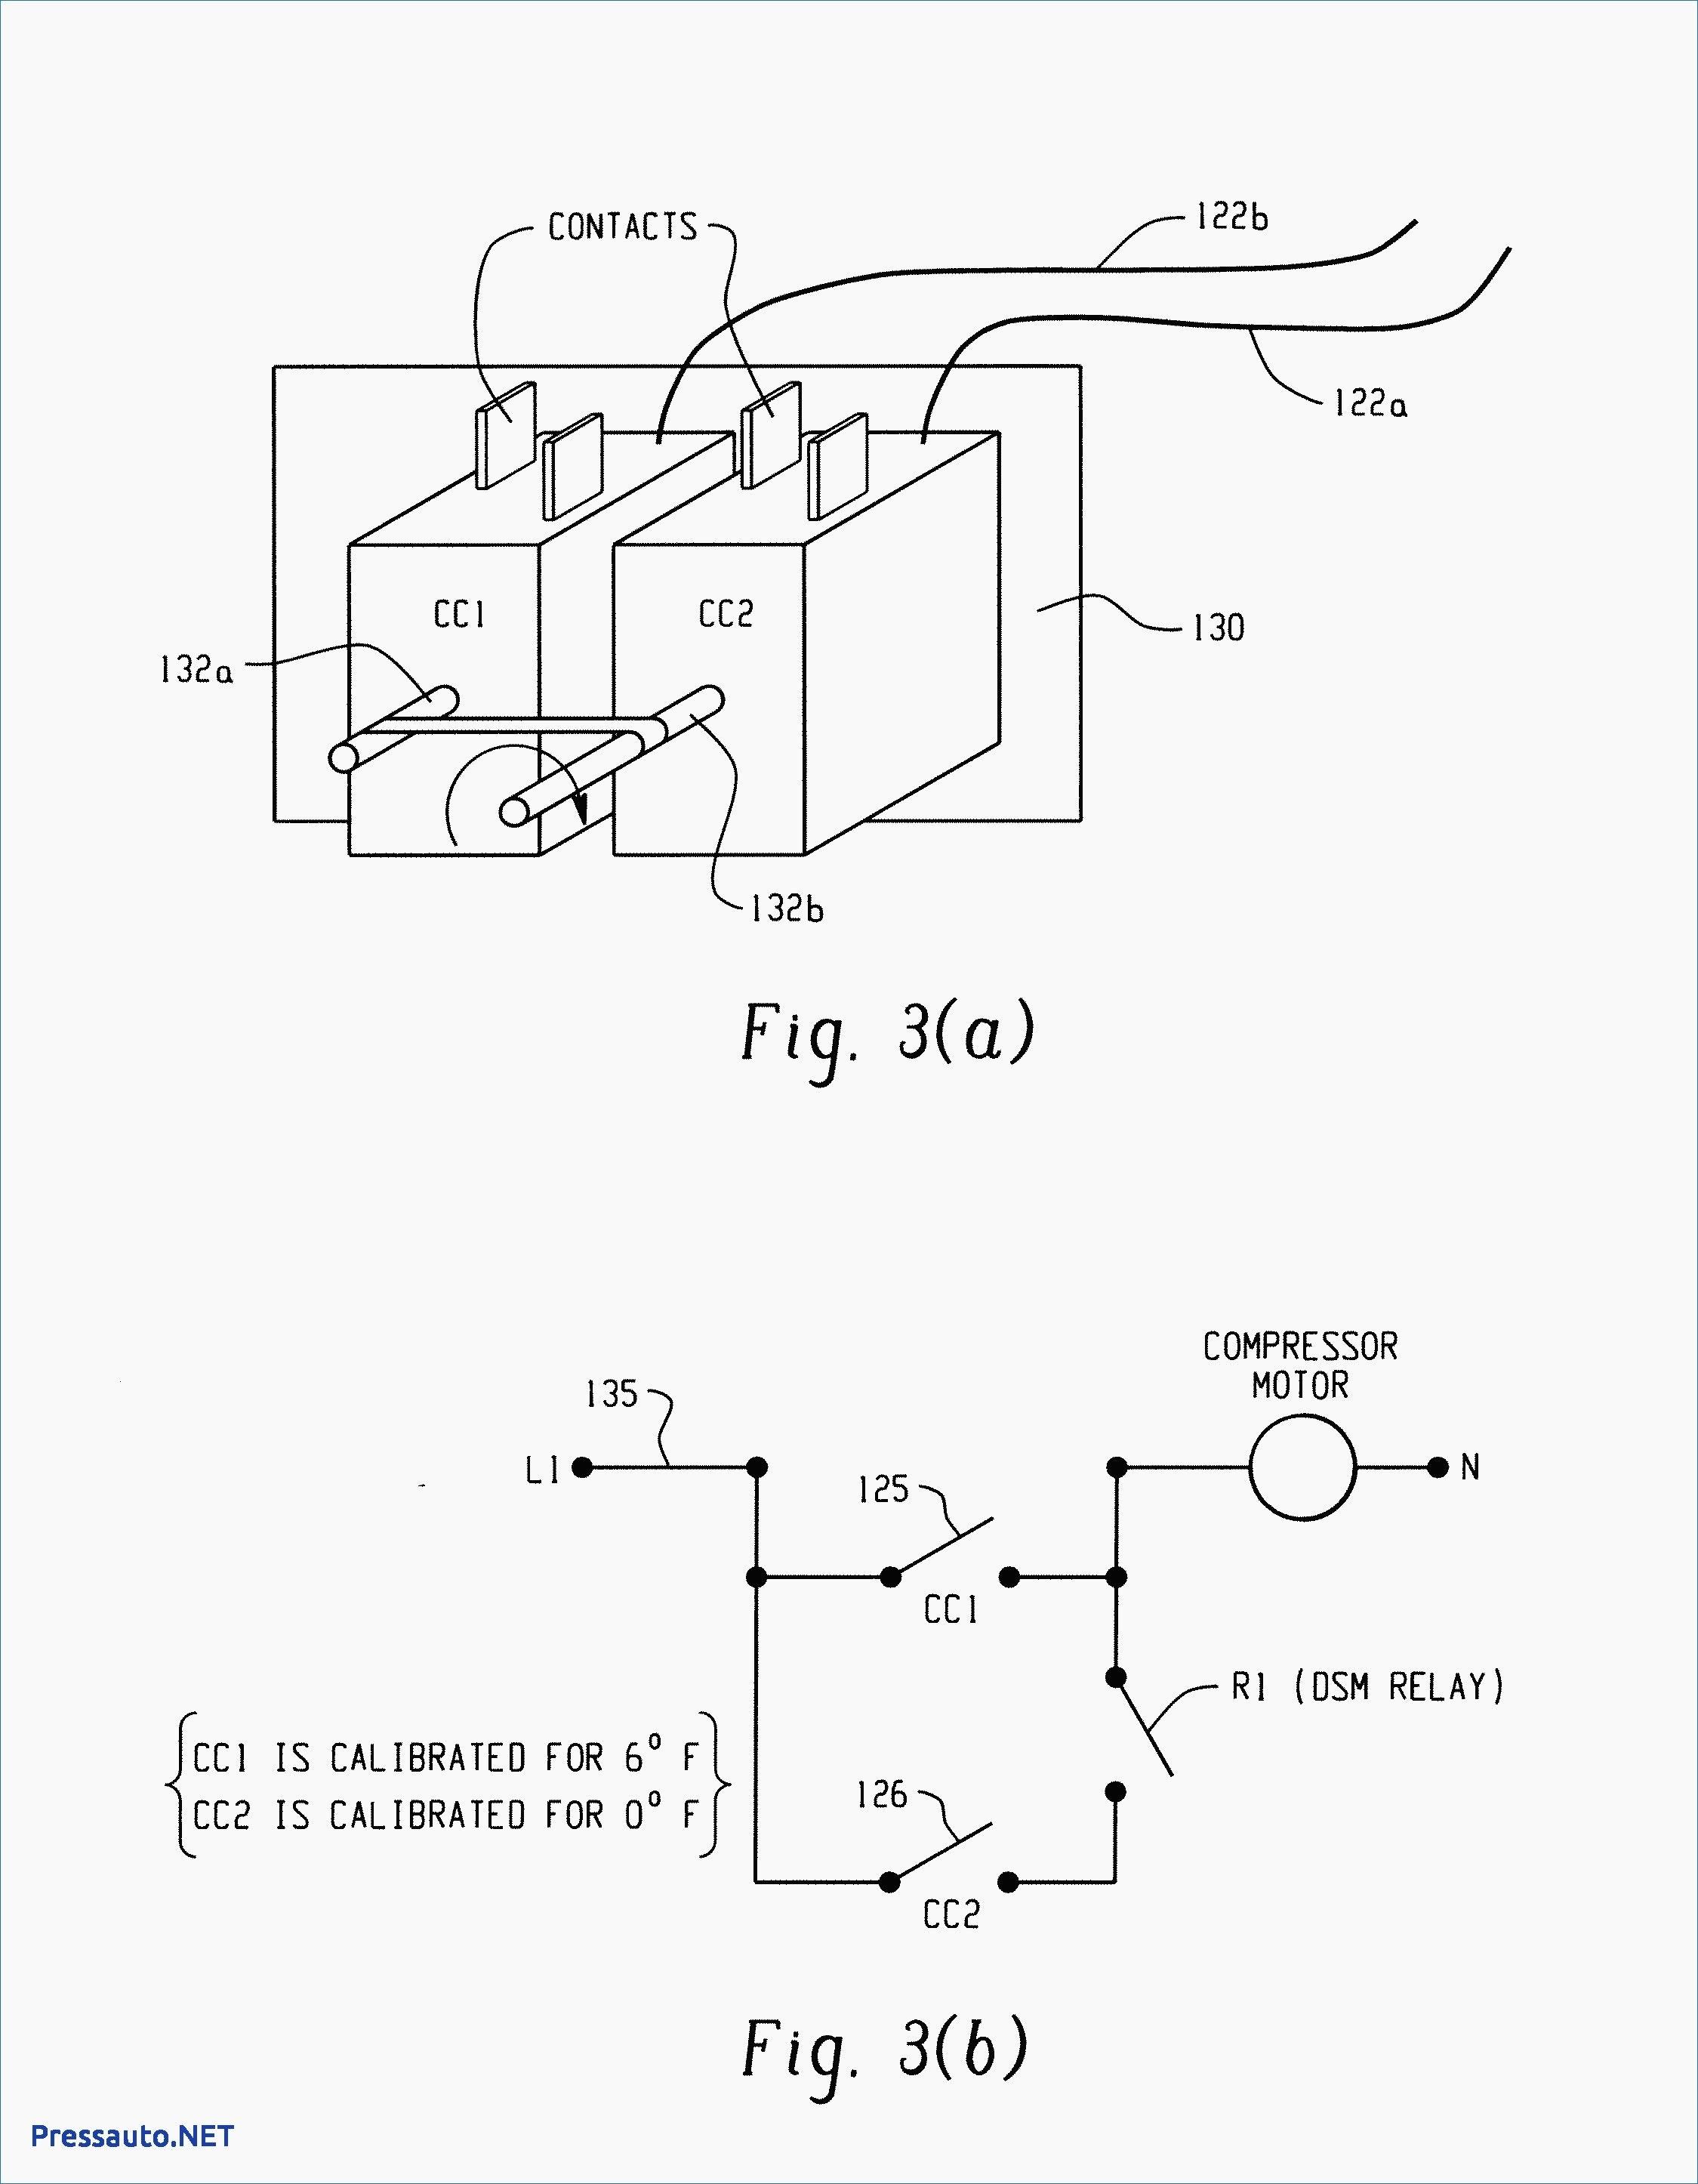 2 wire pressure transducer wiring diagram - 3 wire pressure transducer  wiring diagram luxury series 2